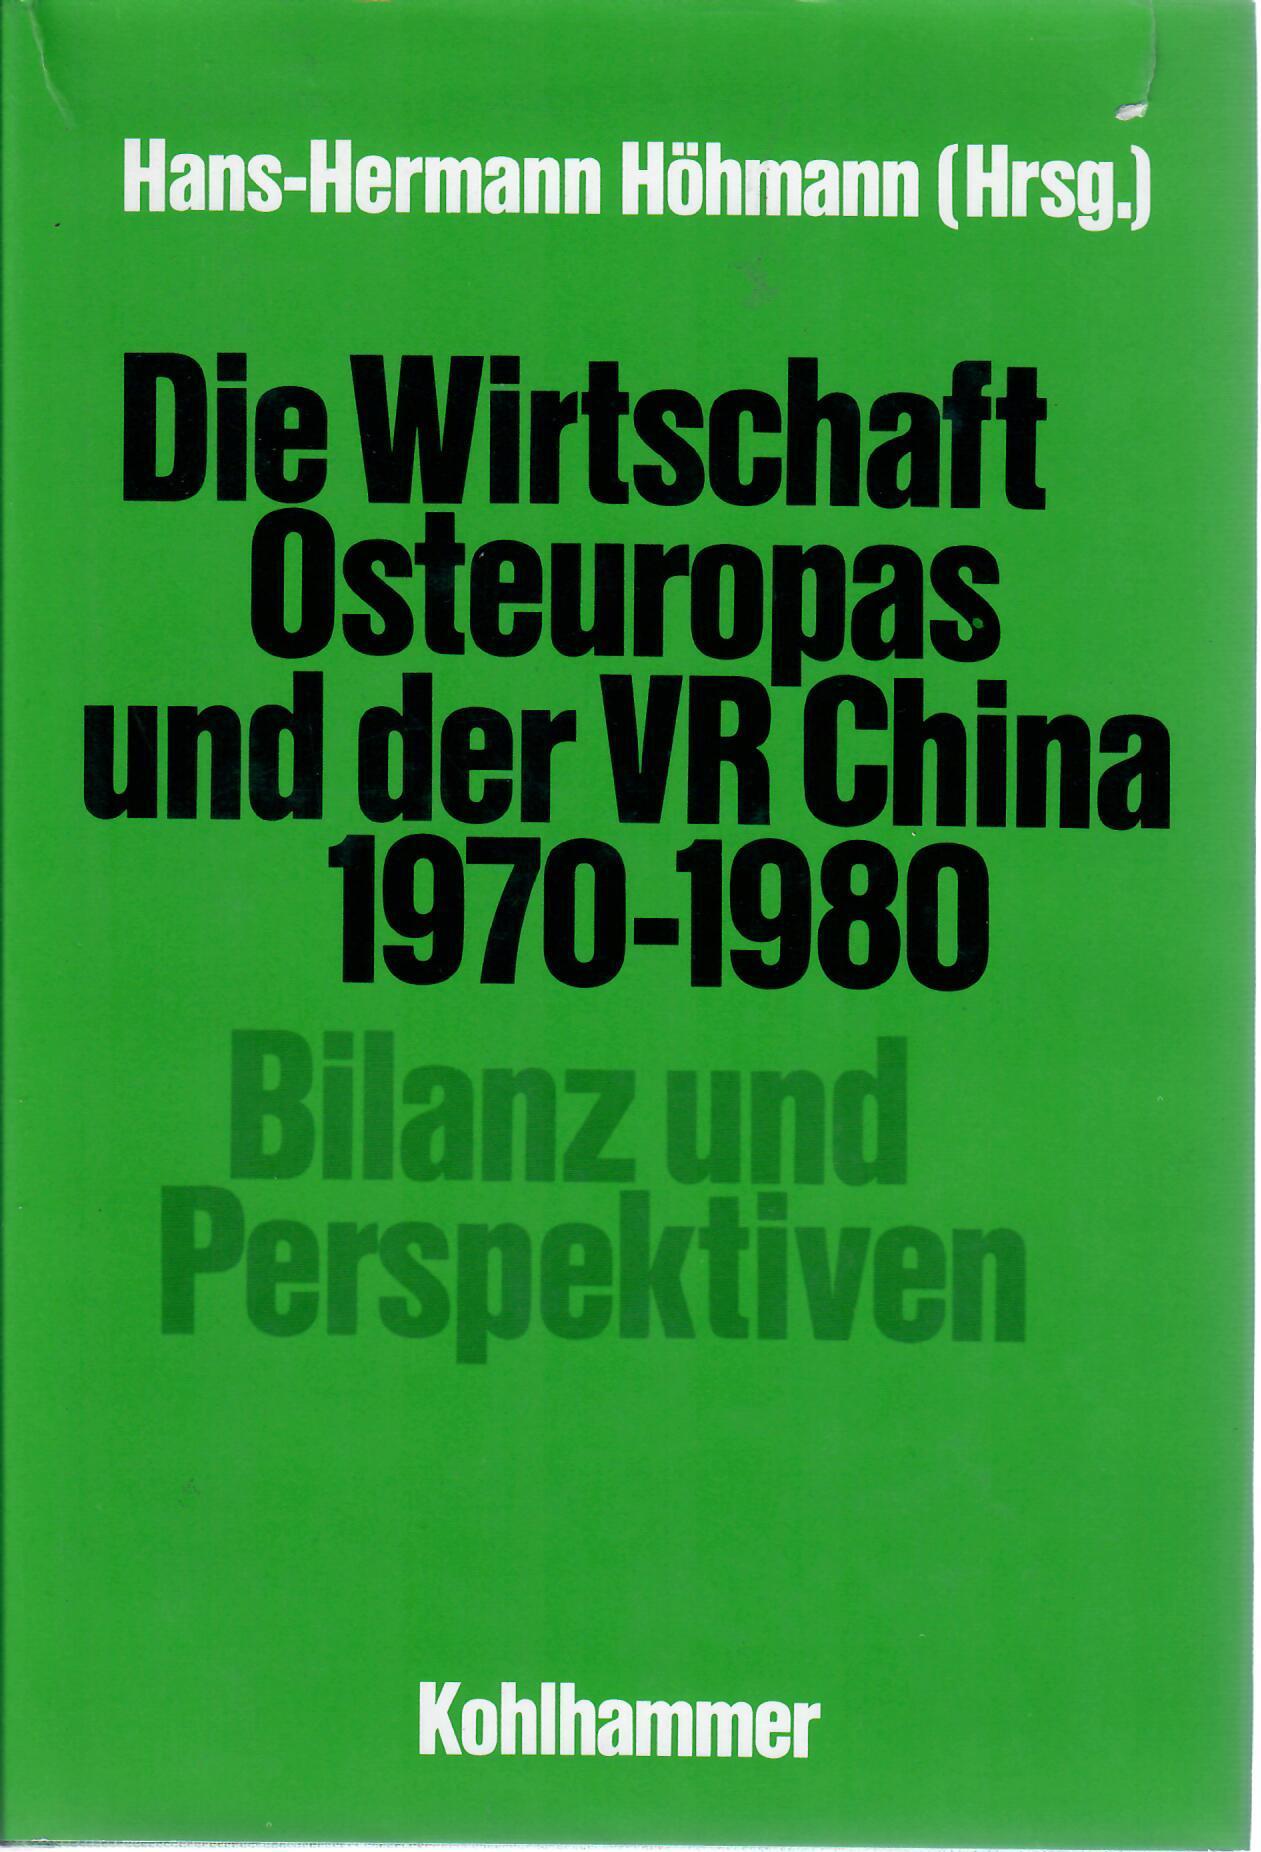 Die Wirtschaft Osteuropas und der VR China 1970 - 1980. Bilanz und Perspektiven